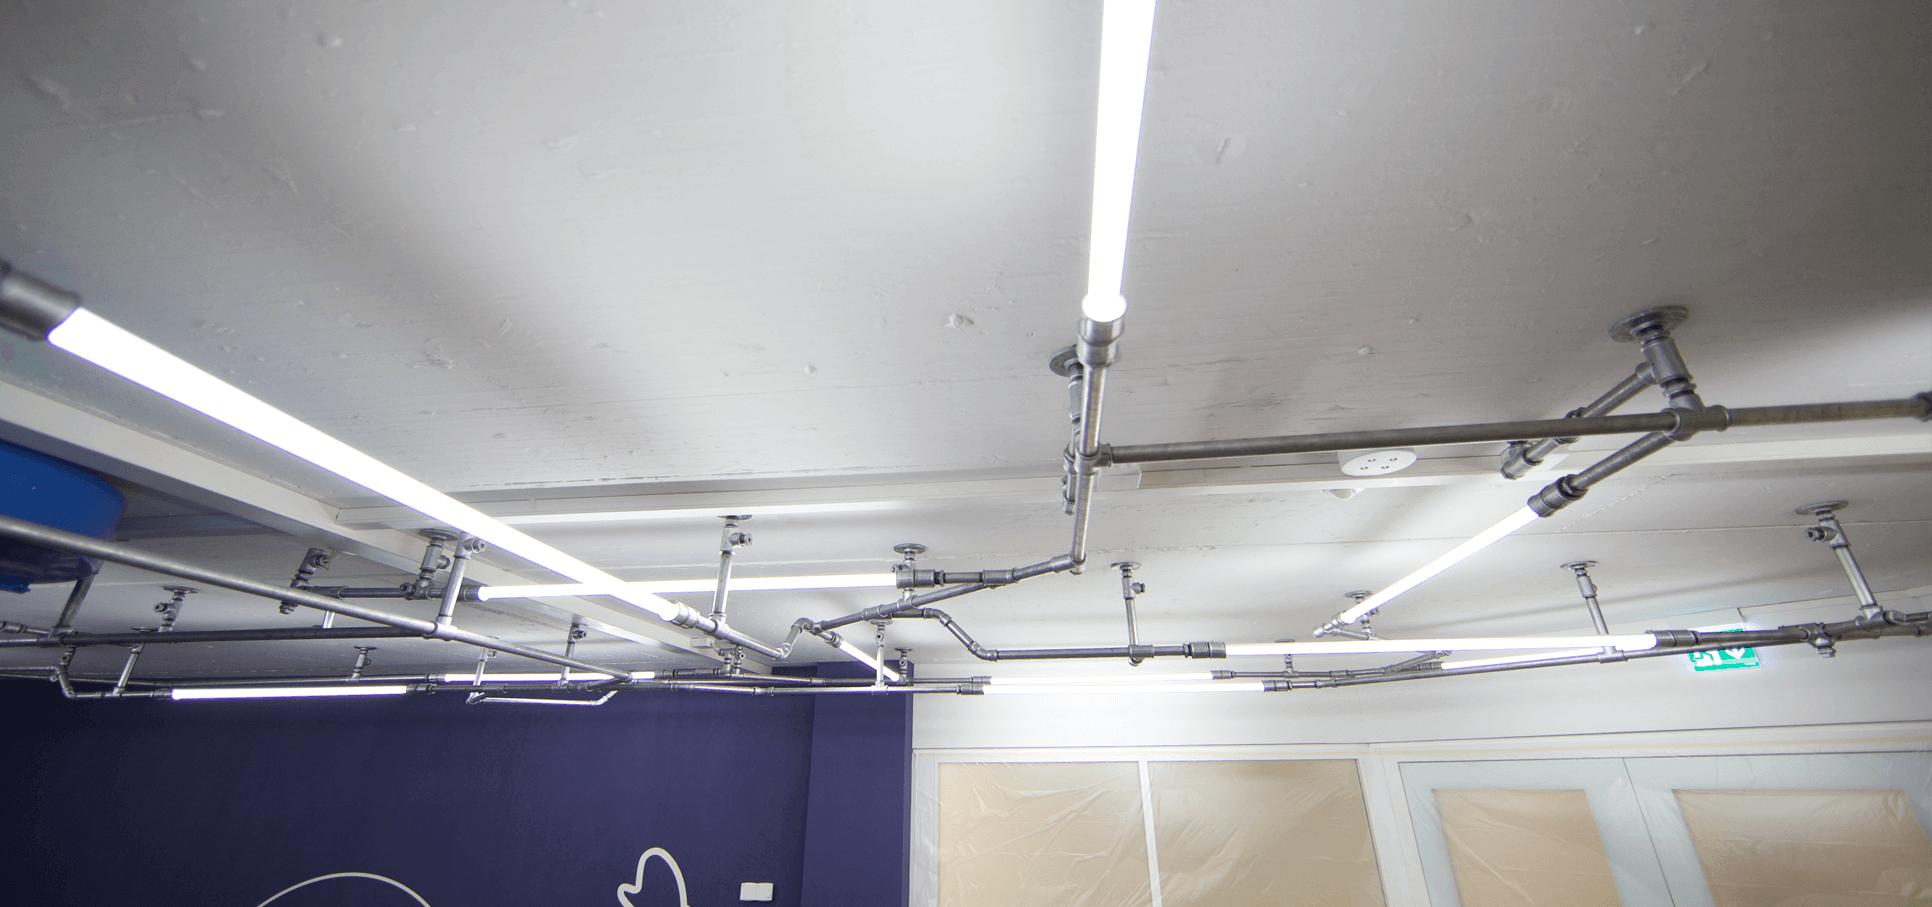 Ladenbau-wasserrohr-baslerpark-installation-licht4.png